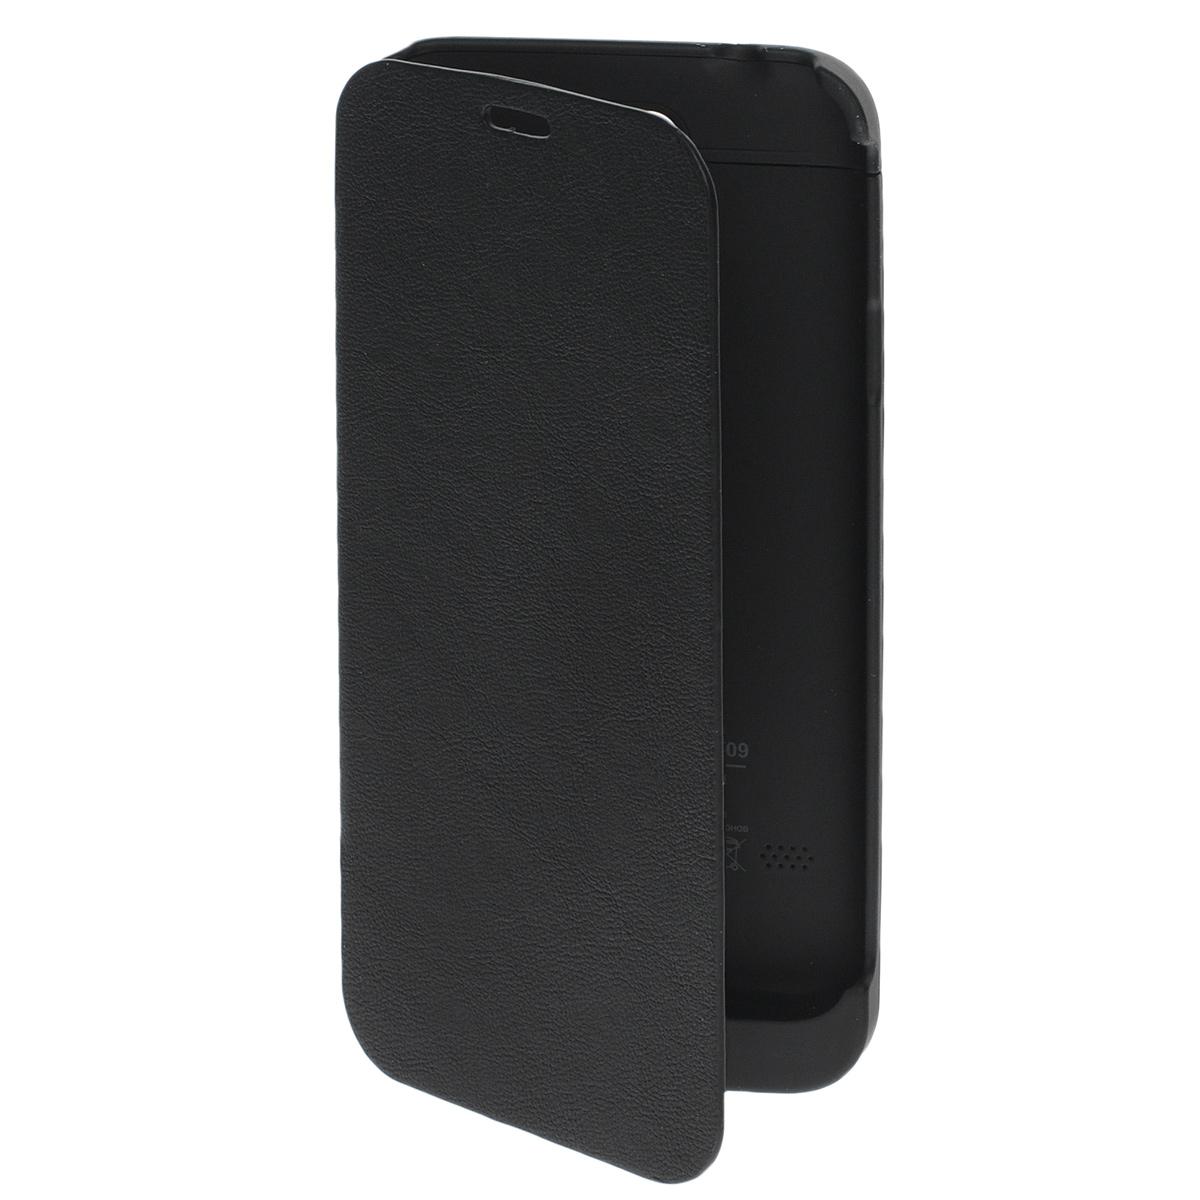 EXEQ HelpinG-SF09 чехол-аккумулятор для Samsung Galaxy S5, Black (3300 мАч, флип-кейс)HelpinG-SF09 BLЧехол-аккумулятор Exeq HelpinG-SF09 – практичный аксессуар для смартфона Samsung Galaxy S5! Exeq Helping-SF09 надежно защитит телефон от внешнего воздействия – ударов, грязи, царапин, а встроенная в аксессуар батарея емкостью в 3300 мАч обеспечит подзарядку аккумулятора телефона в самые необходимые моменты. Элегантный дизайн, классические формы и качественный пластик удачно дополнят совершенный дизайн смартфона Samsung Galaxy S5, незначительно при этом увеличив его габариты и вес. В качестве приятного дополнения Exeq HelpinG-SF09 имеет откидывающуюся подставку. Специальная конструкция чехла с выдвижной верхней частью позволит удобно и надежно поместить телефон в чехол, а при необходимости легко и быстро достать телефон из чехла. Хотя извлекать телефон из надежного Exeq HelpinG-SF09 вам вряд ли понадобится – заряжать телефон можно непосредственно в чехле, подключив к нему зарядное устройство телефона и нажав кнопку питания на чехле. Если кнопку питания не...